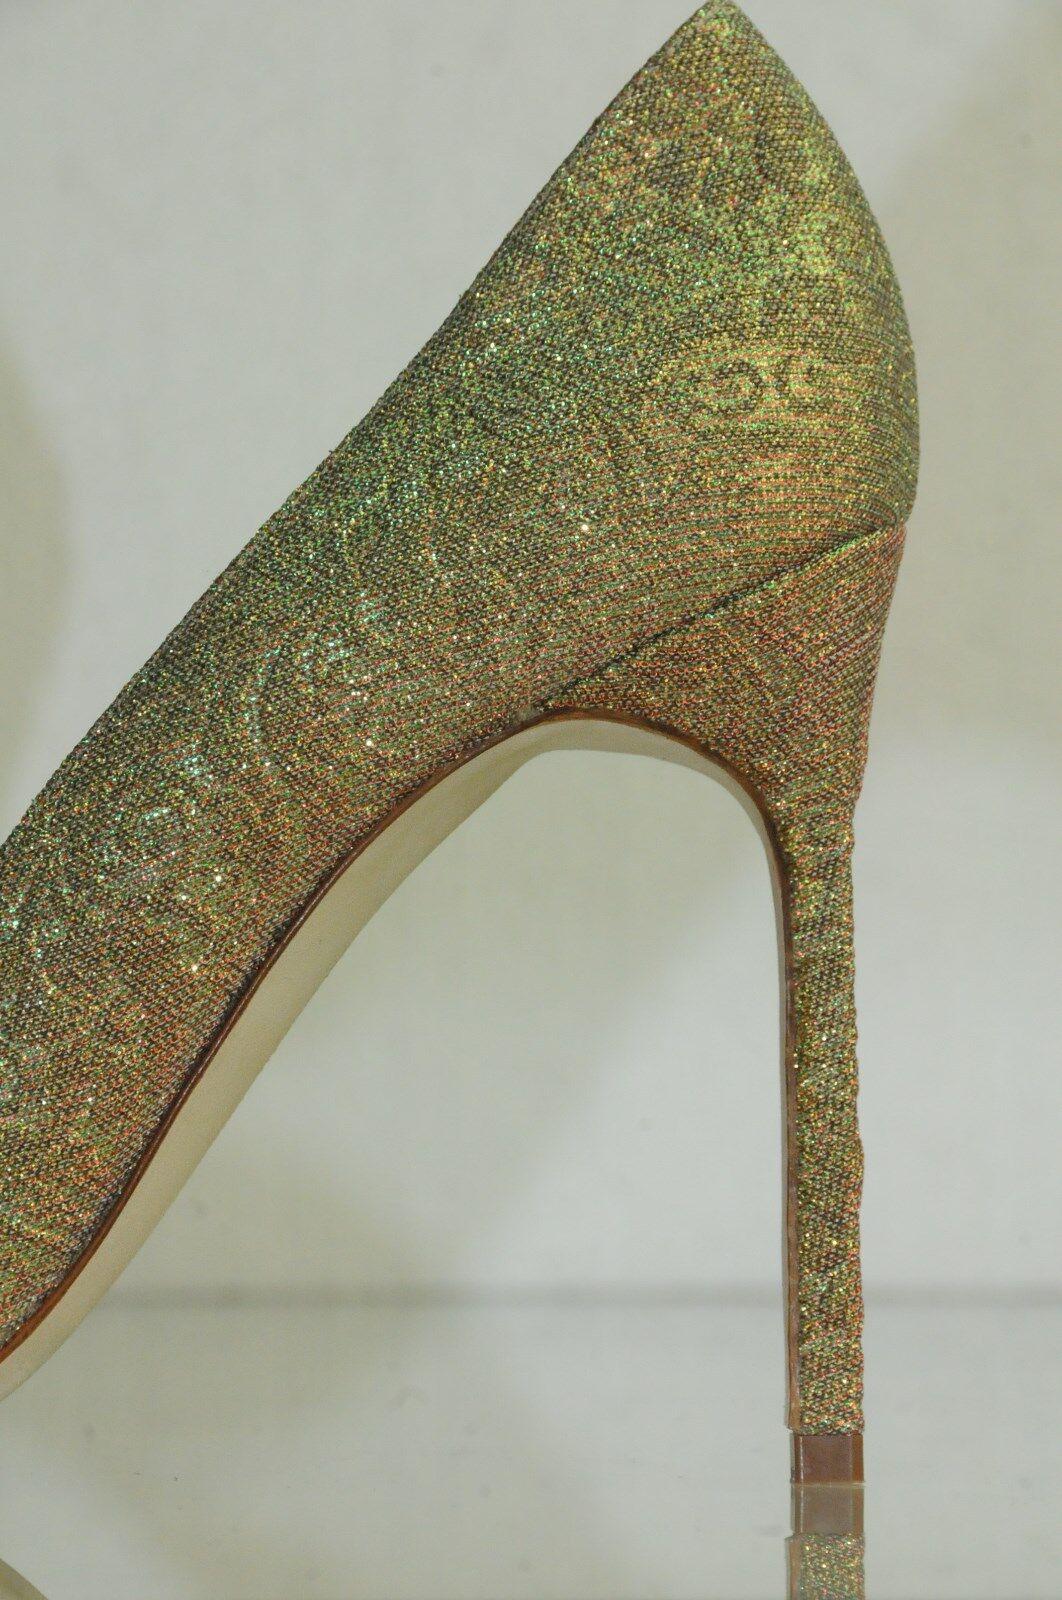 New Manolo Blahnik BOBBY Rosa Gold Gold Gold Iridescent Brocade schuhe Pumps BB 39 40 40.5 1614d8